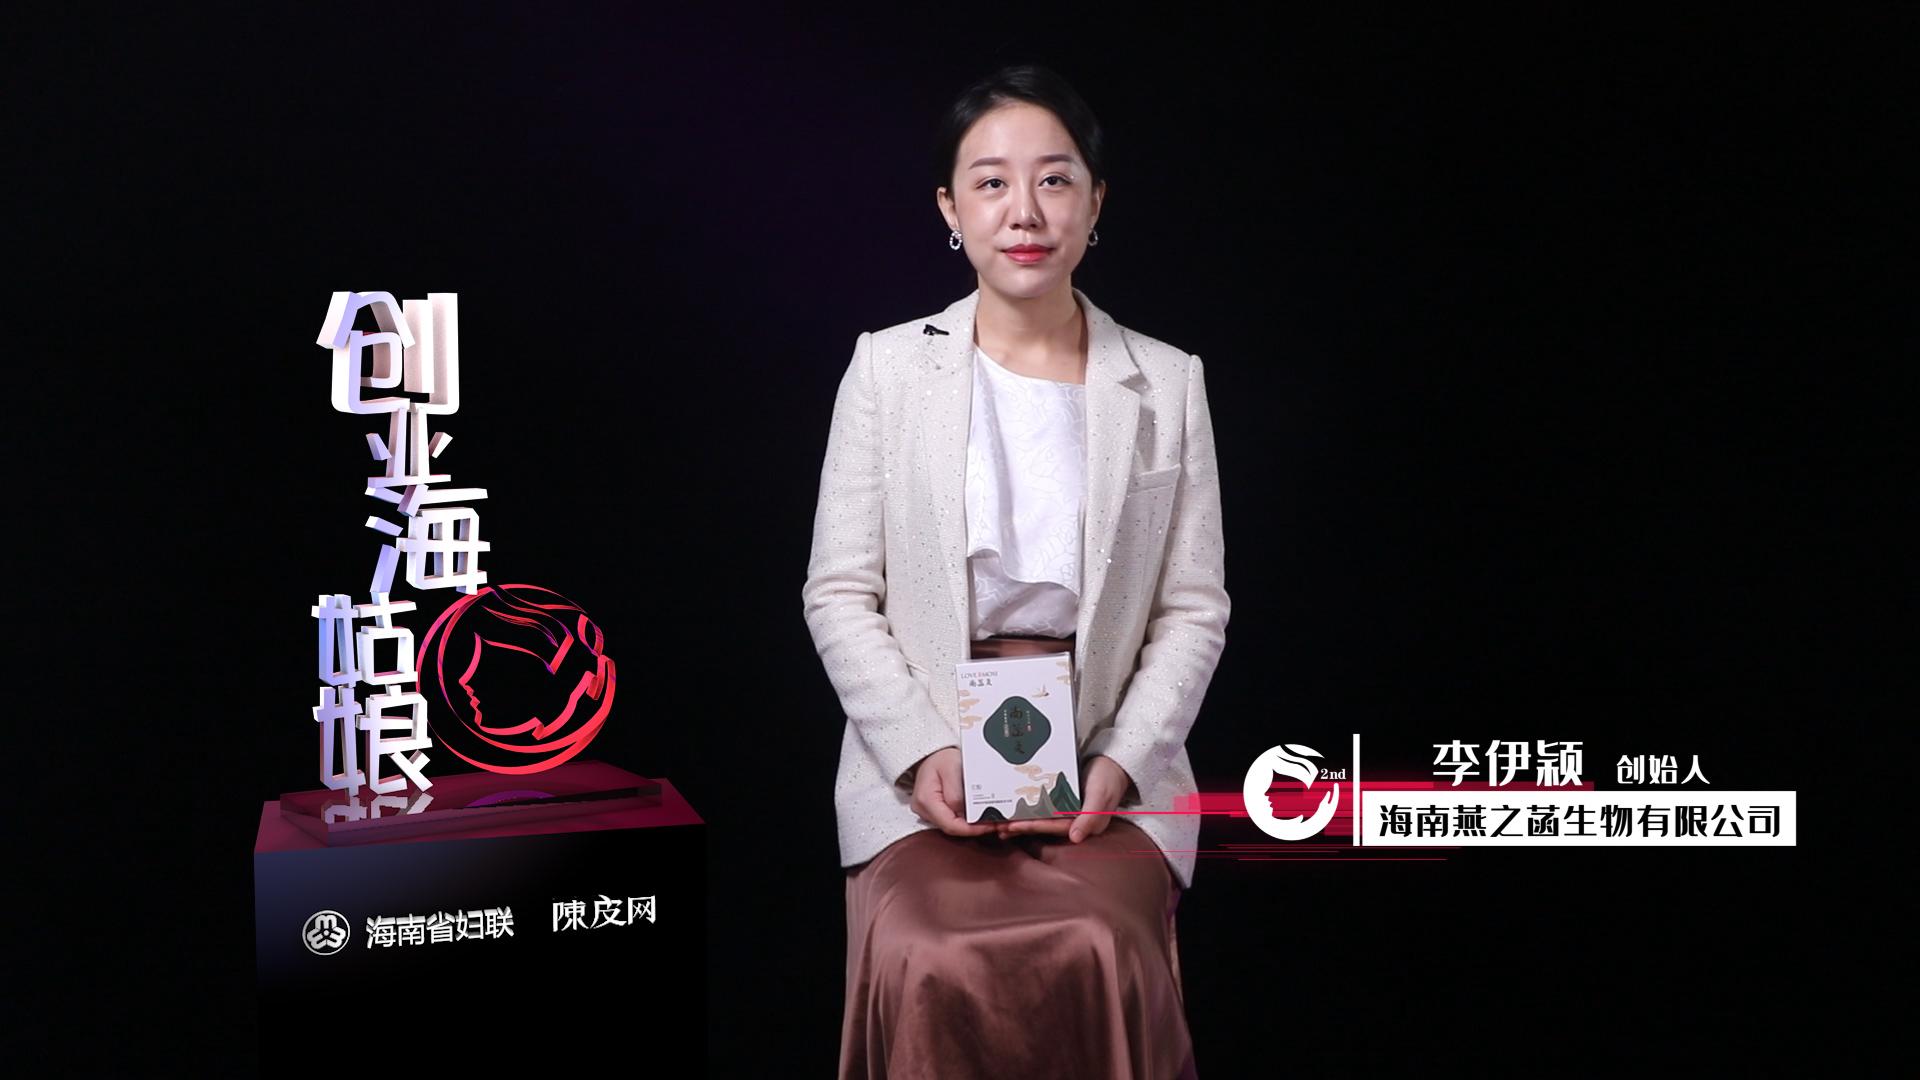 创业海姑娘|燕之菡生物科技若菡 布局大健康产业 传播中医药文化